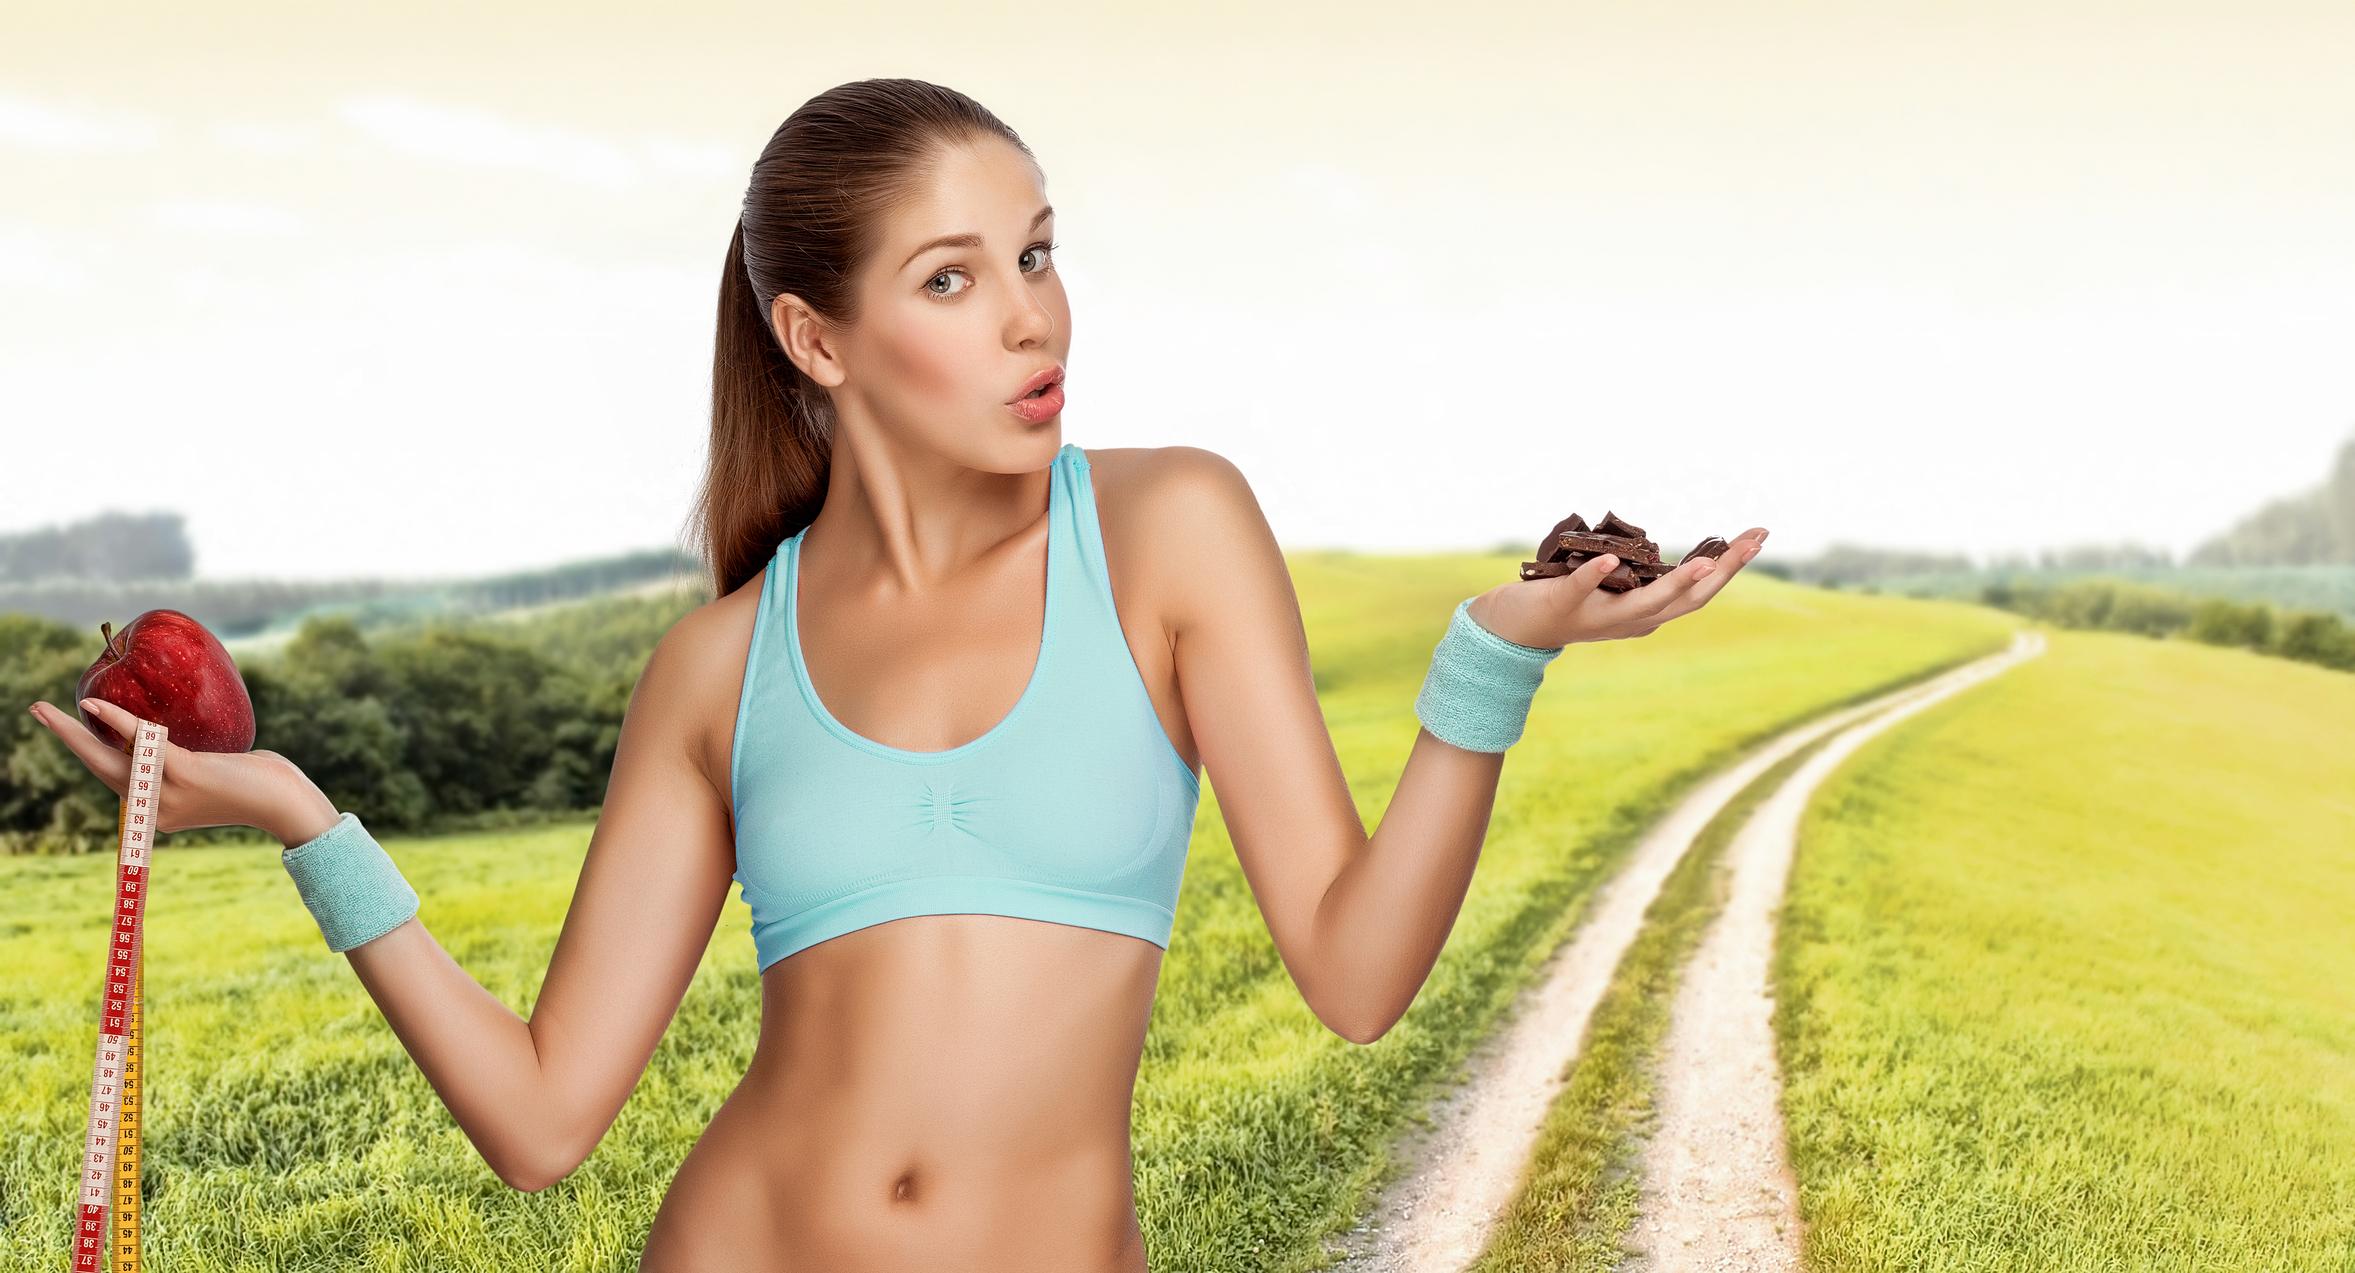 Картинки Заставляющих Похудеть. Самые прикольные картинки про диету (50 фото)